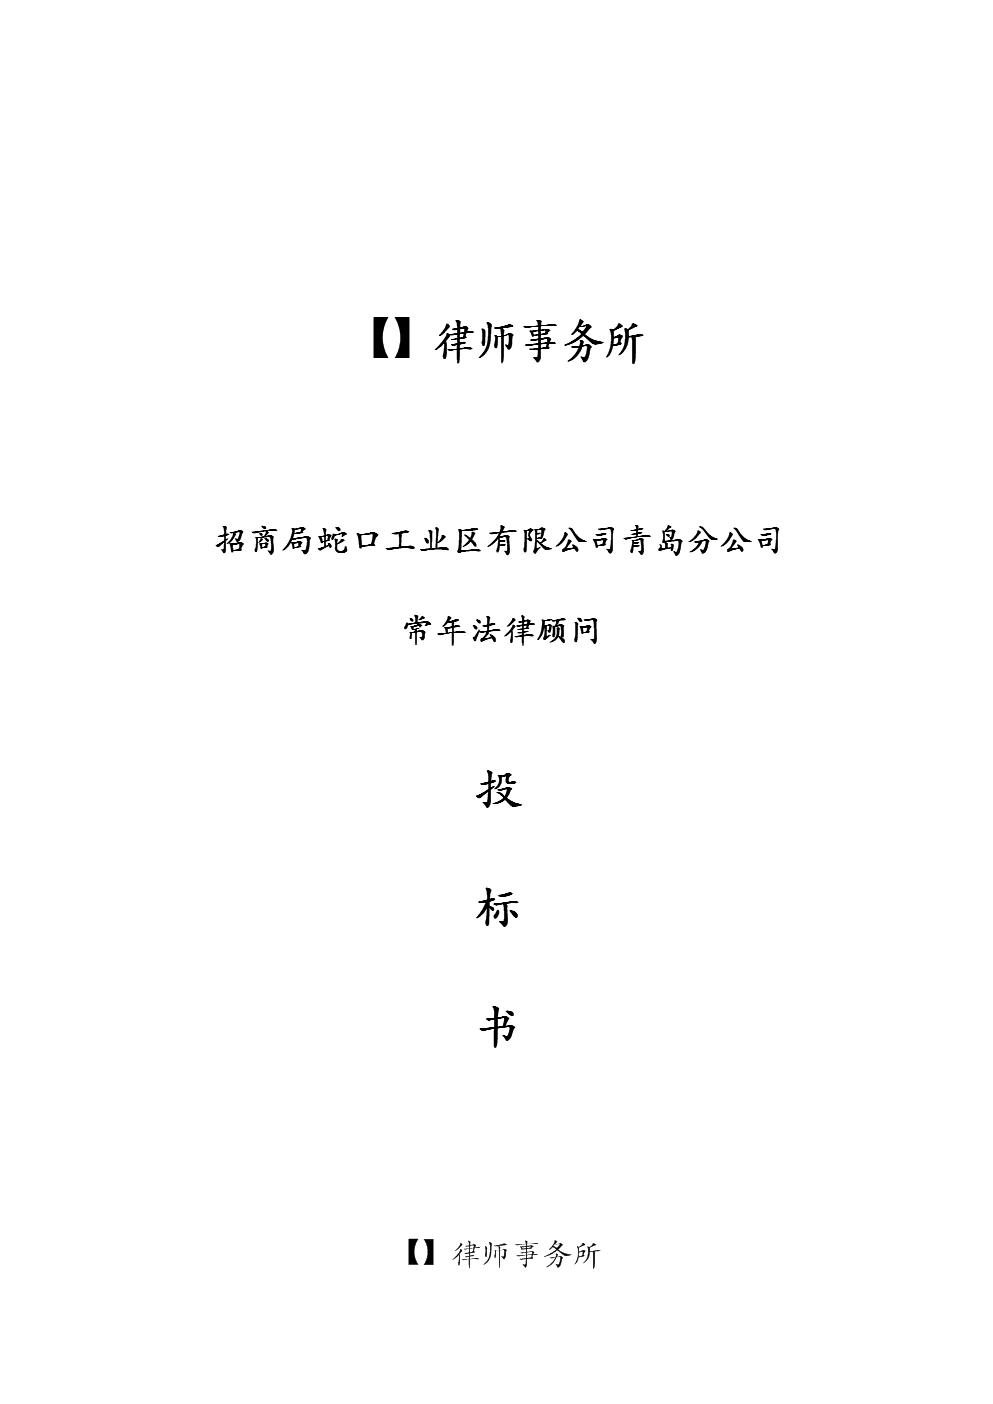 律师事务所之投标书.doc